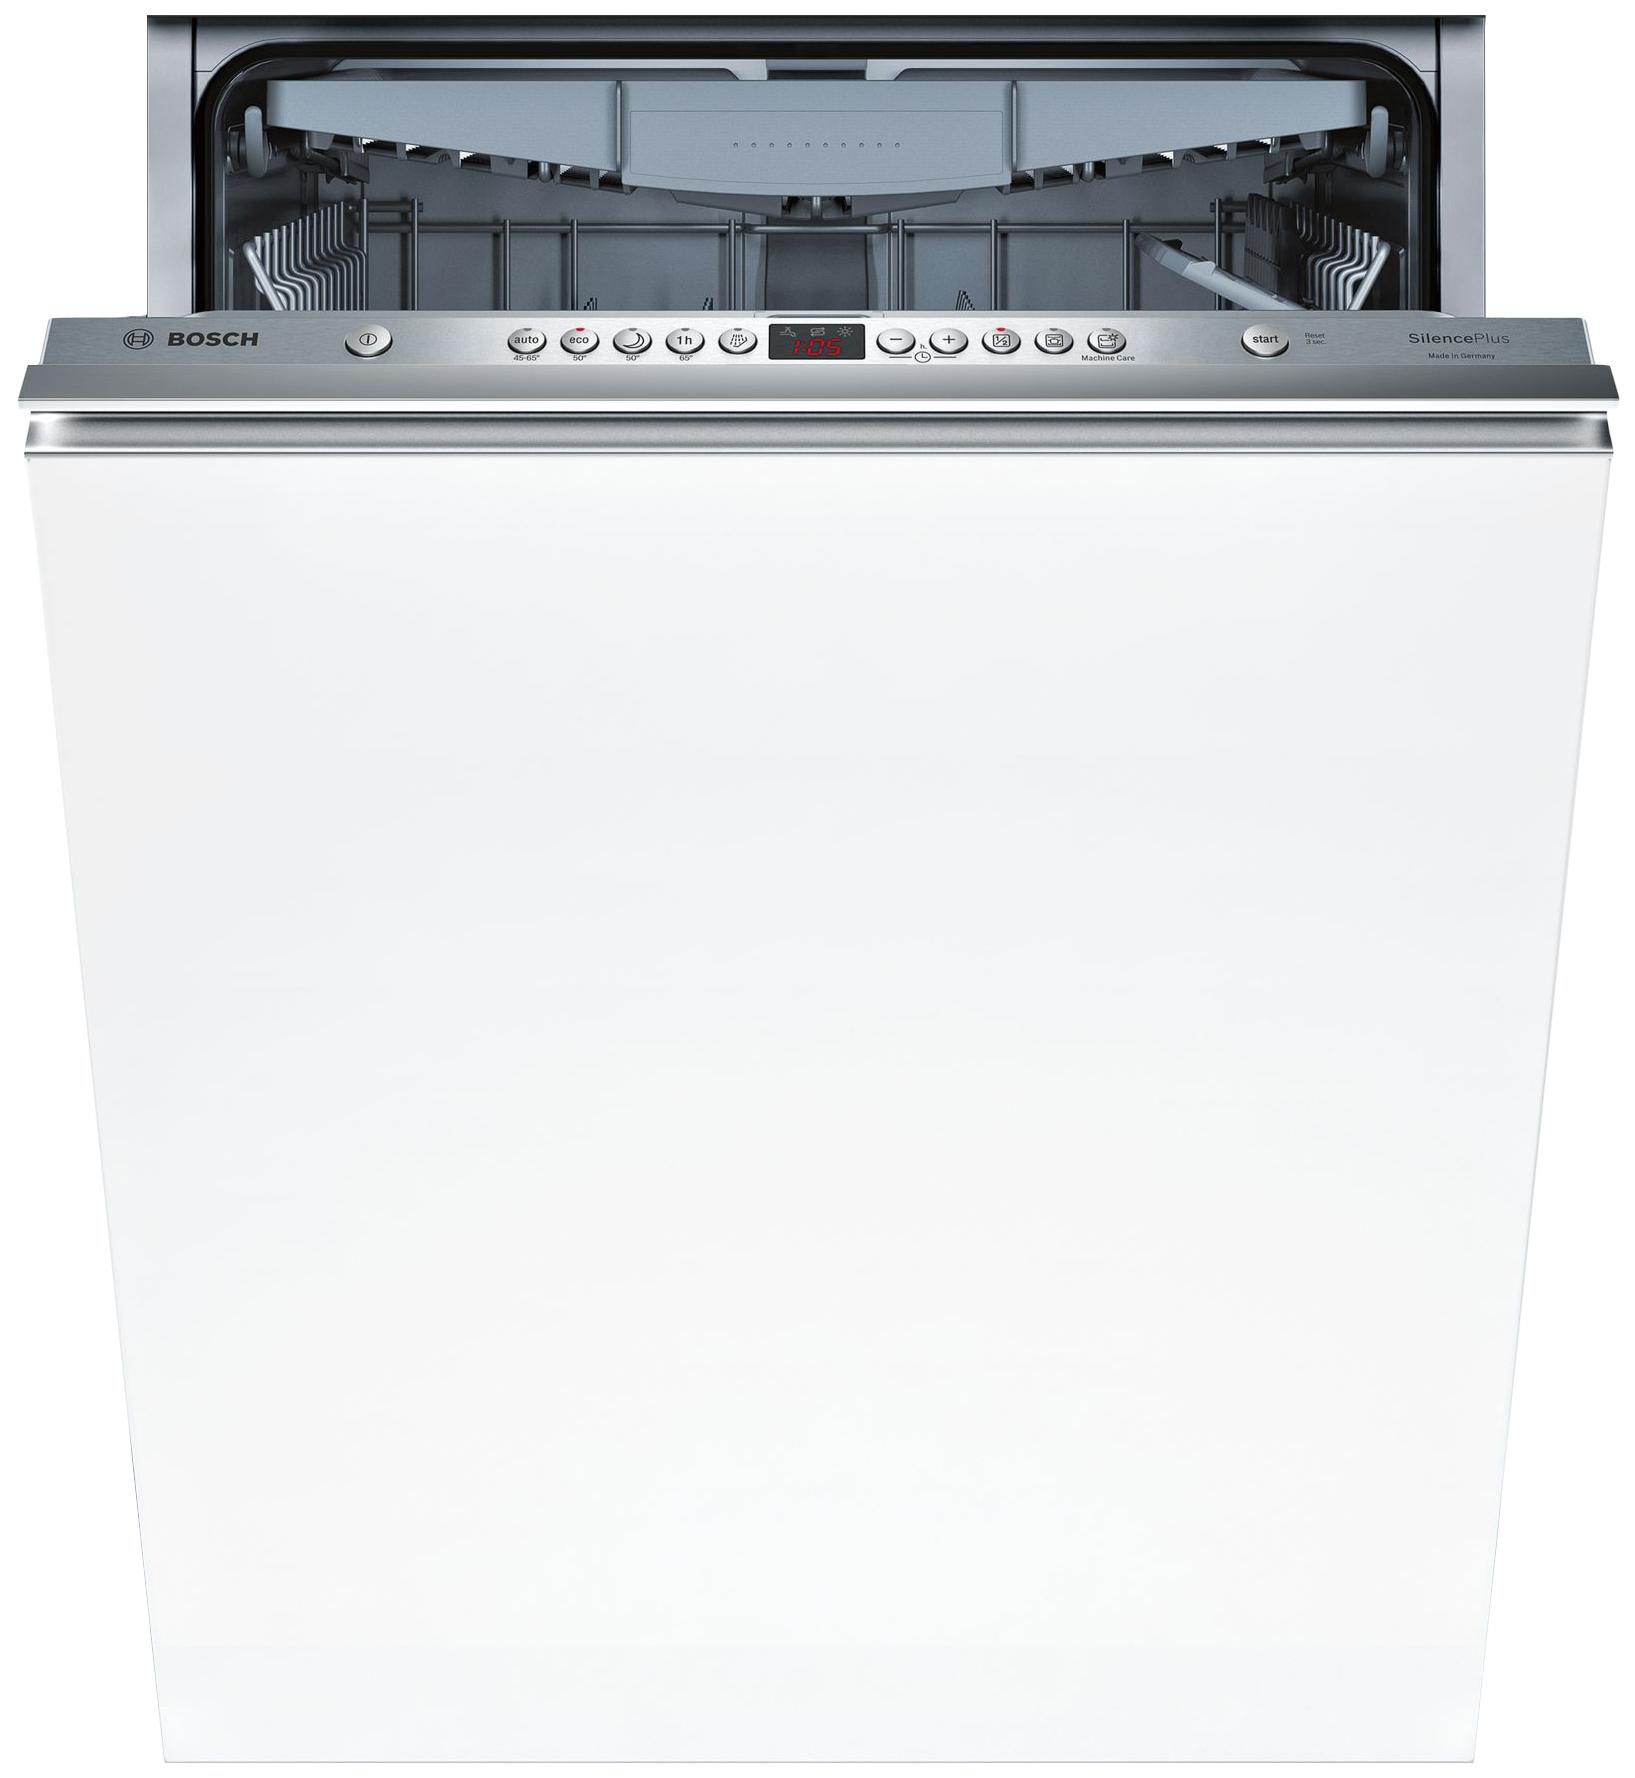 Встраиваемая посудомоечная машина 60 см Bosch SBV45FX01R